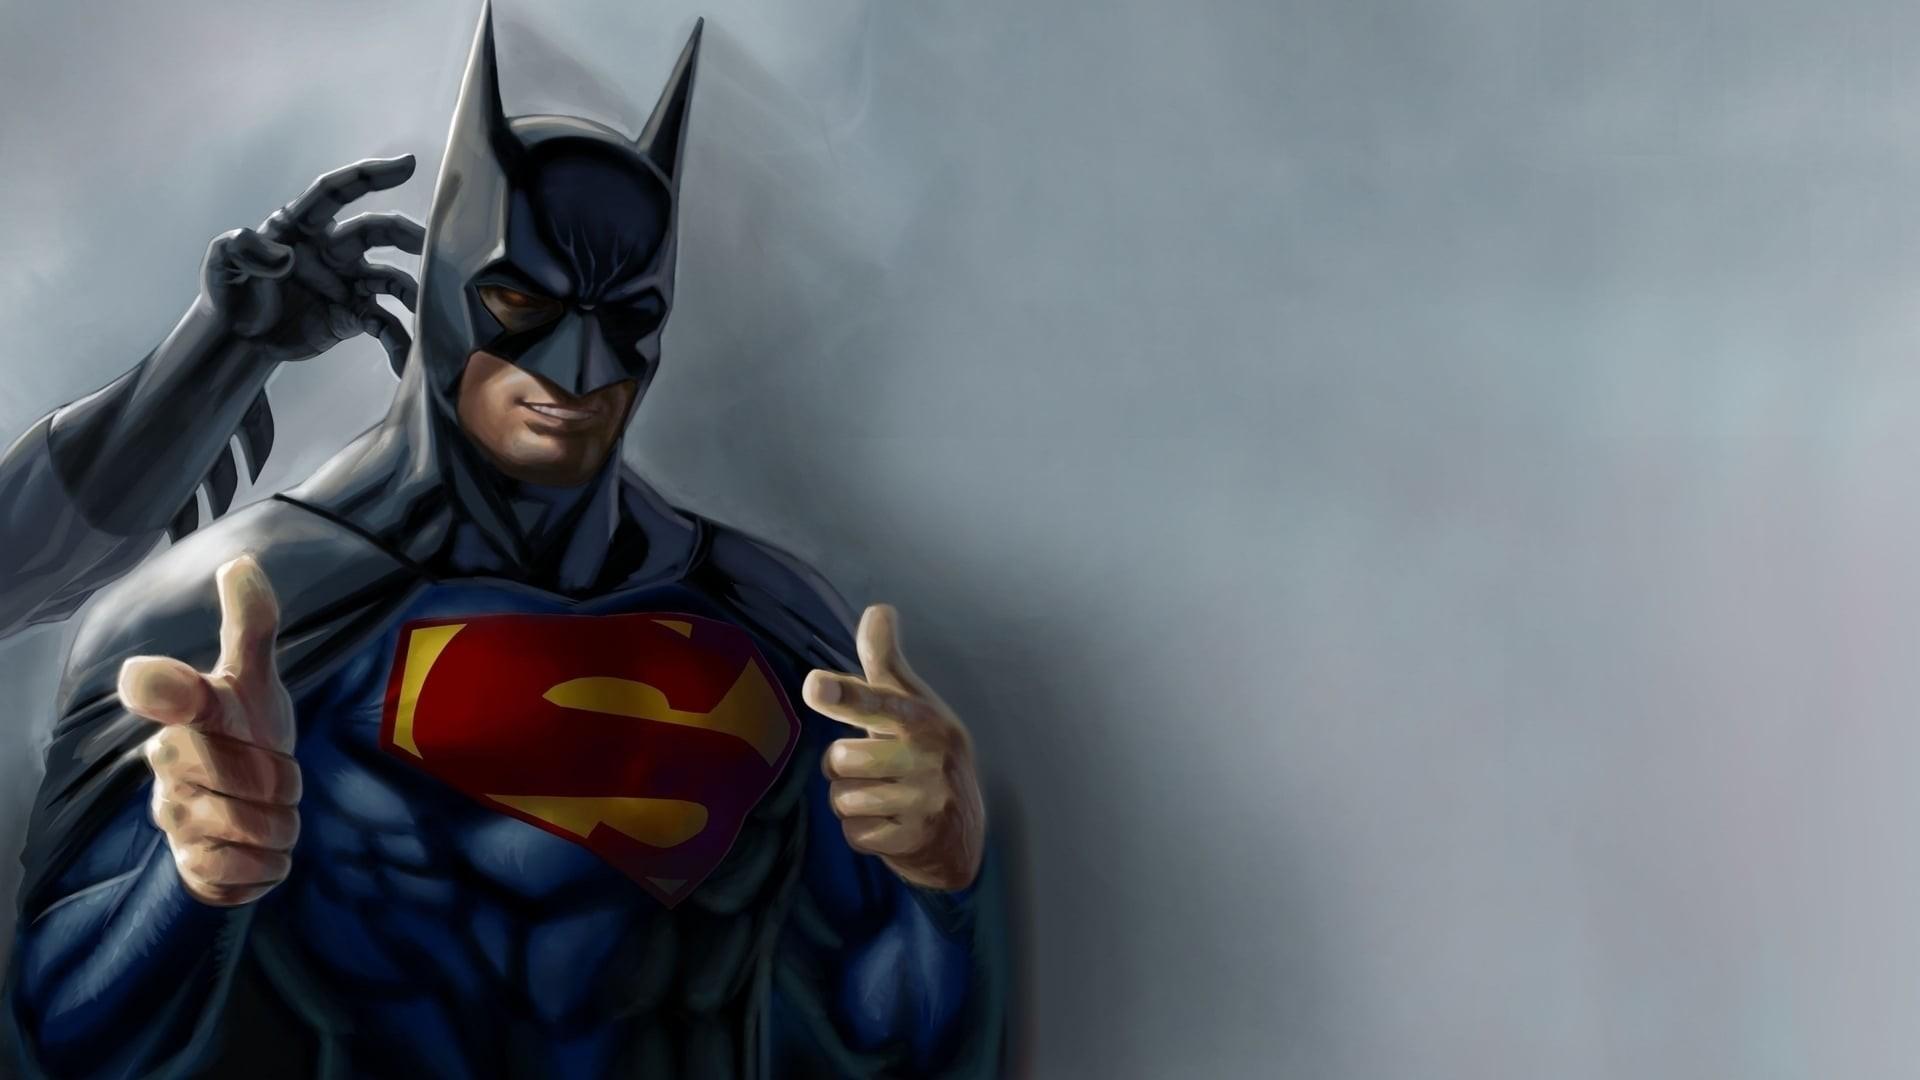 0 Batman vs Superman 1080p Wallpapers Batman vs Superman 2016 wallpapers HD  Download